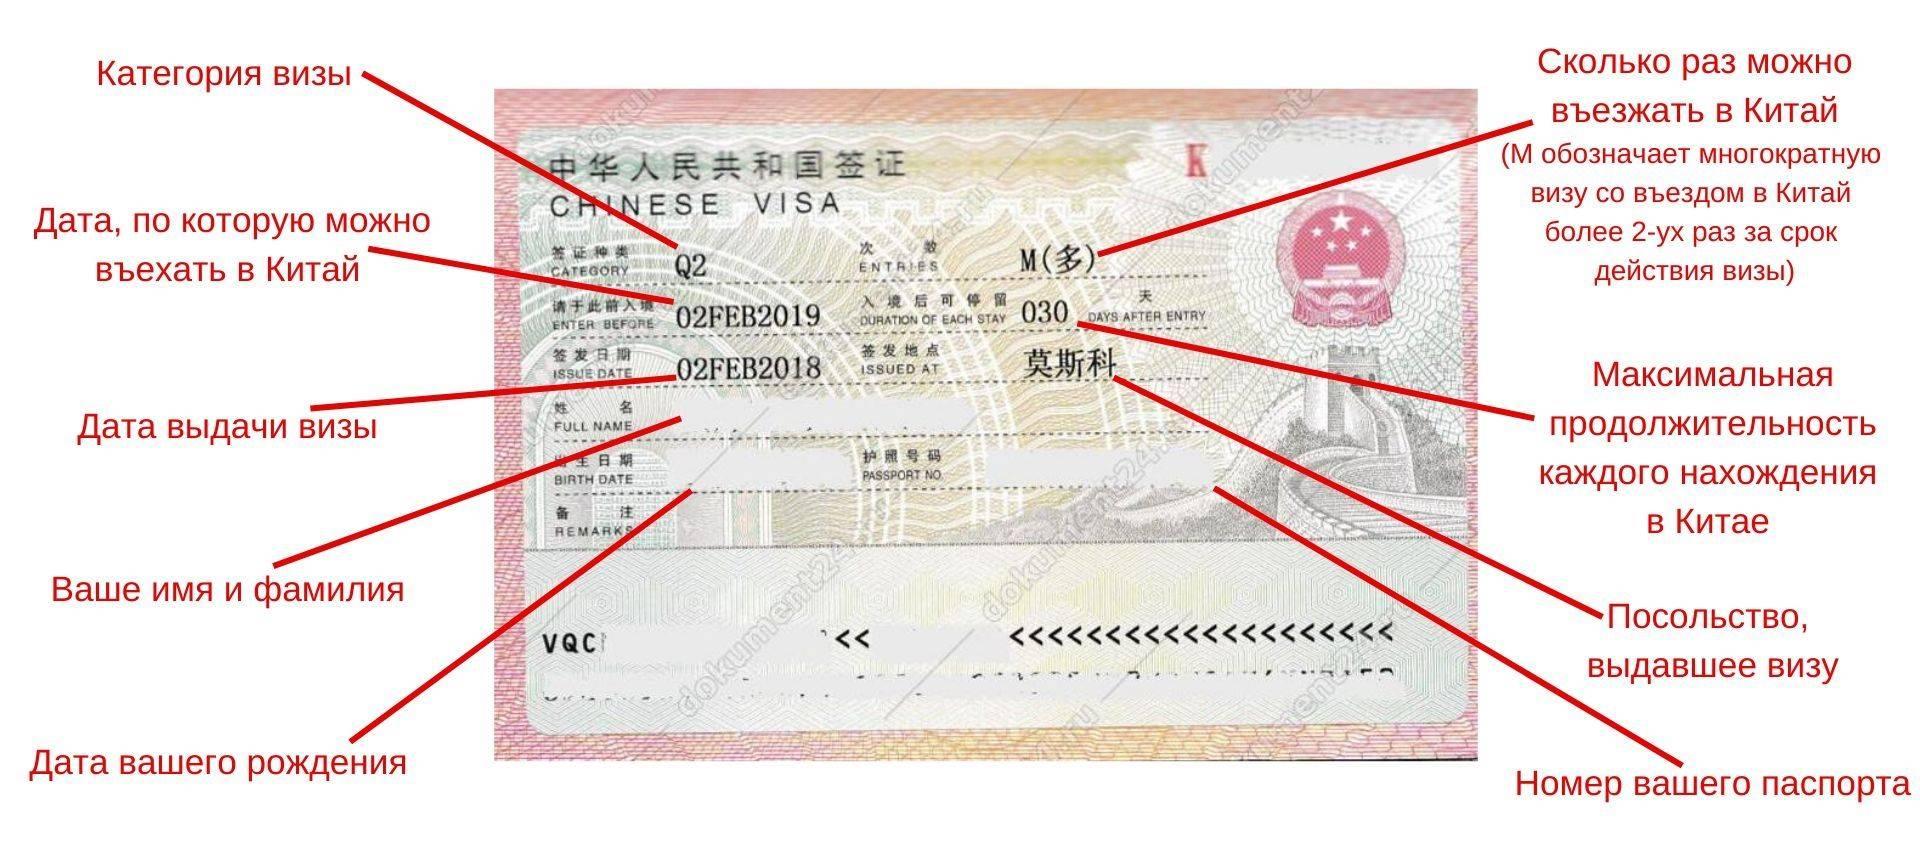 Оформление визы в китай самостоятельно (для россиян)